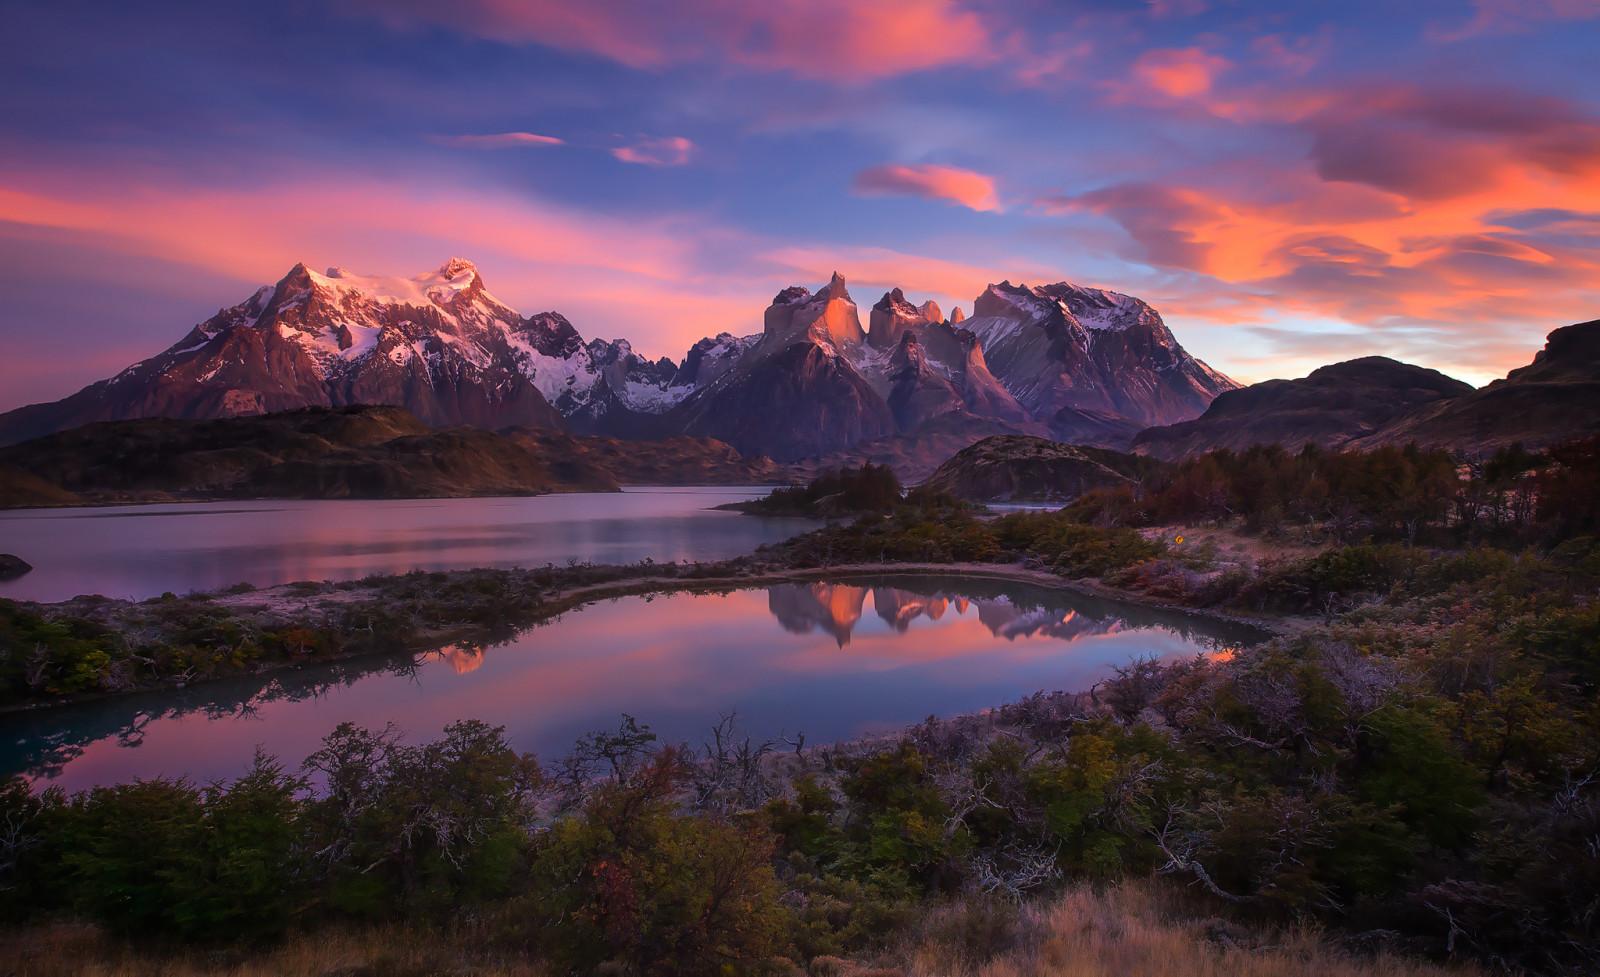 Montañas Nevadas En La Patagonia: Fondos De Pantalla : Sudamerica, Patagonia, Montañas De